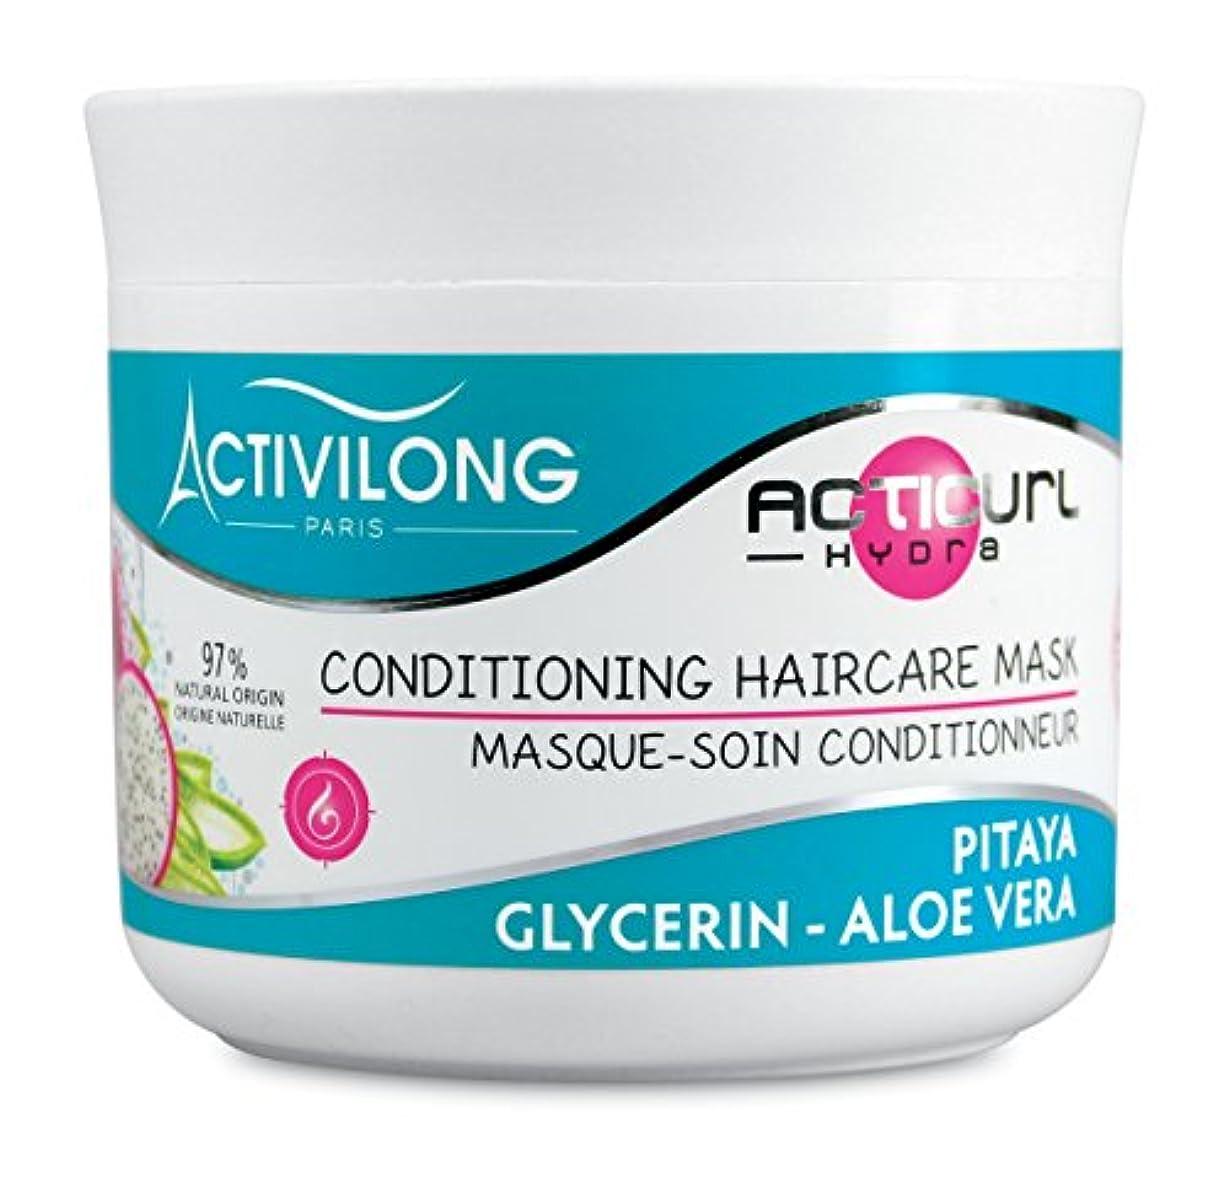 シャイシンボル食事Activilong Acticurl HydraコンディショニングヘアケアマスクDragonfruit Pitayaグリセリンアロエベラ200 ml